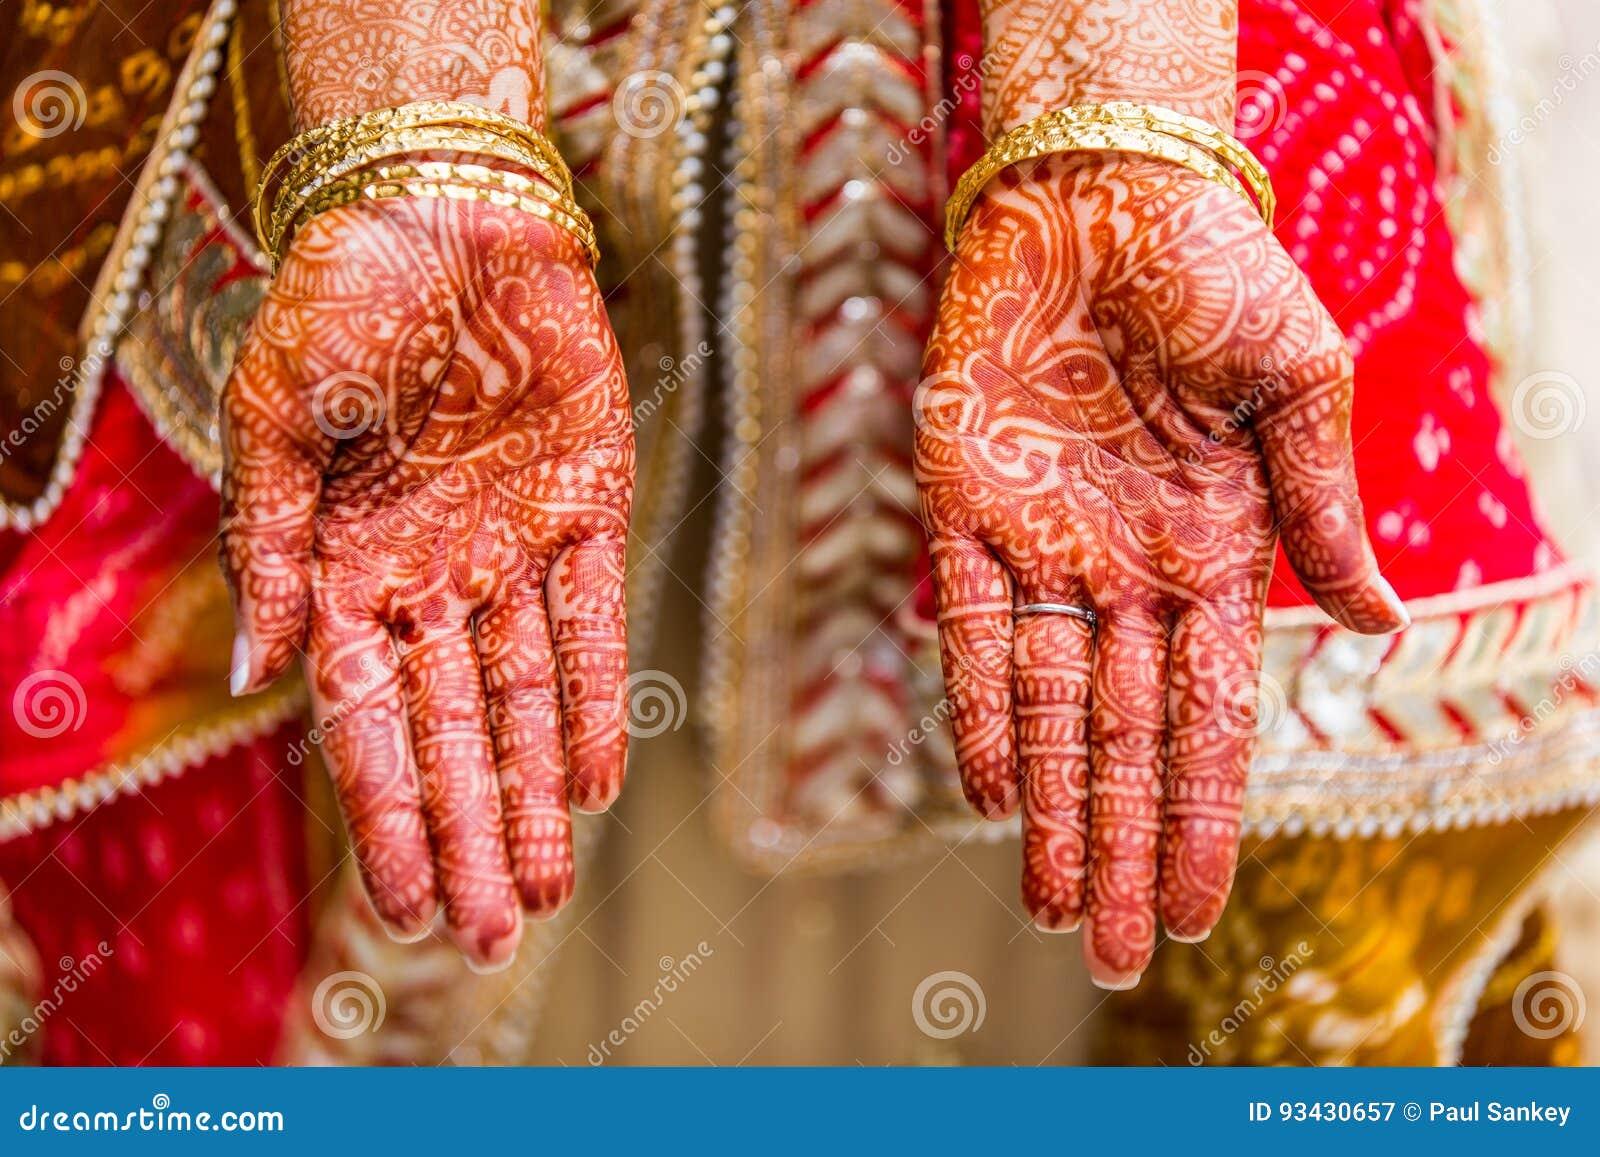 Indische Braut Mit Dem Hennastrauch Gemalt Auf Arm Und Händen